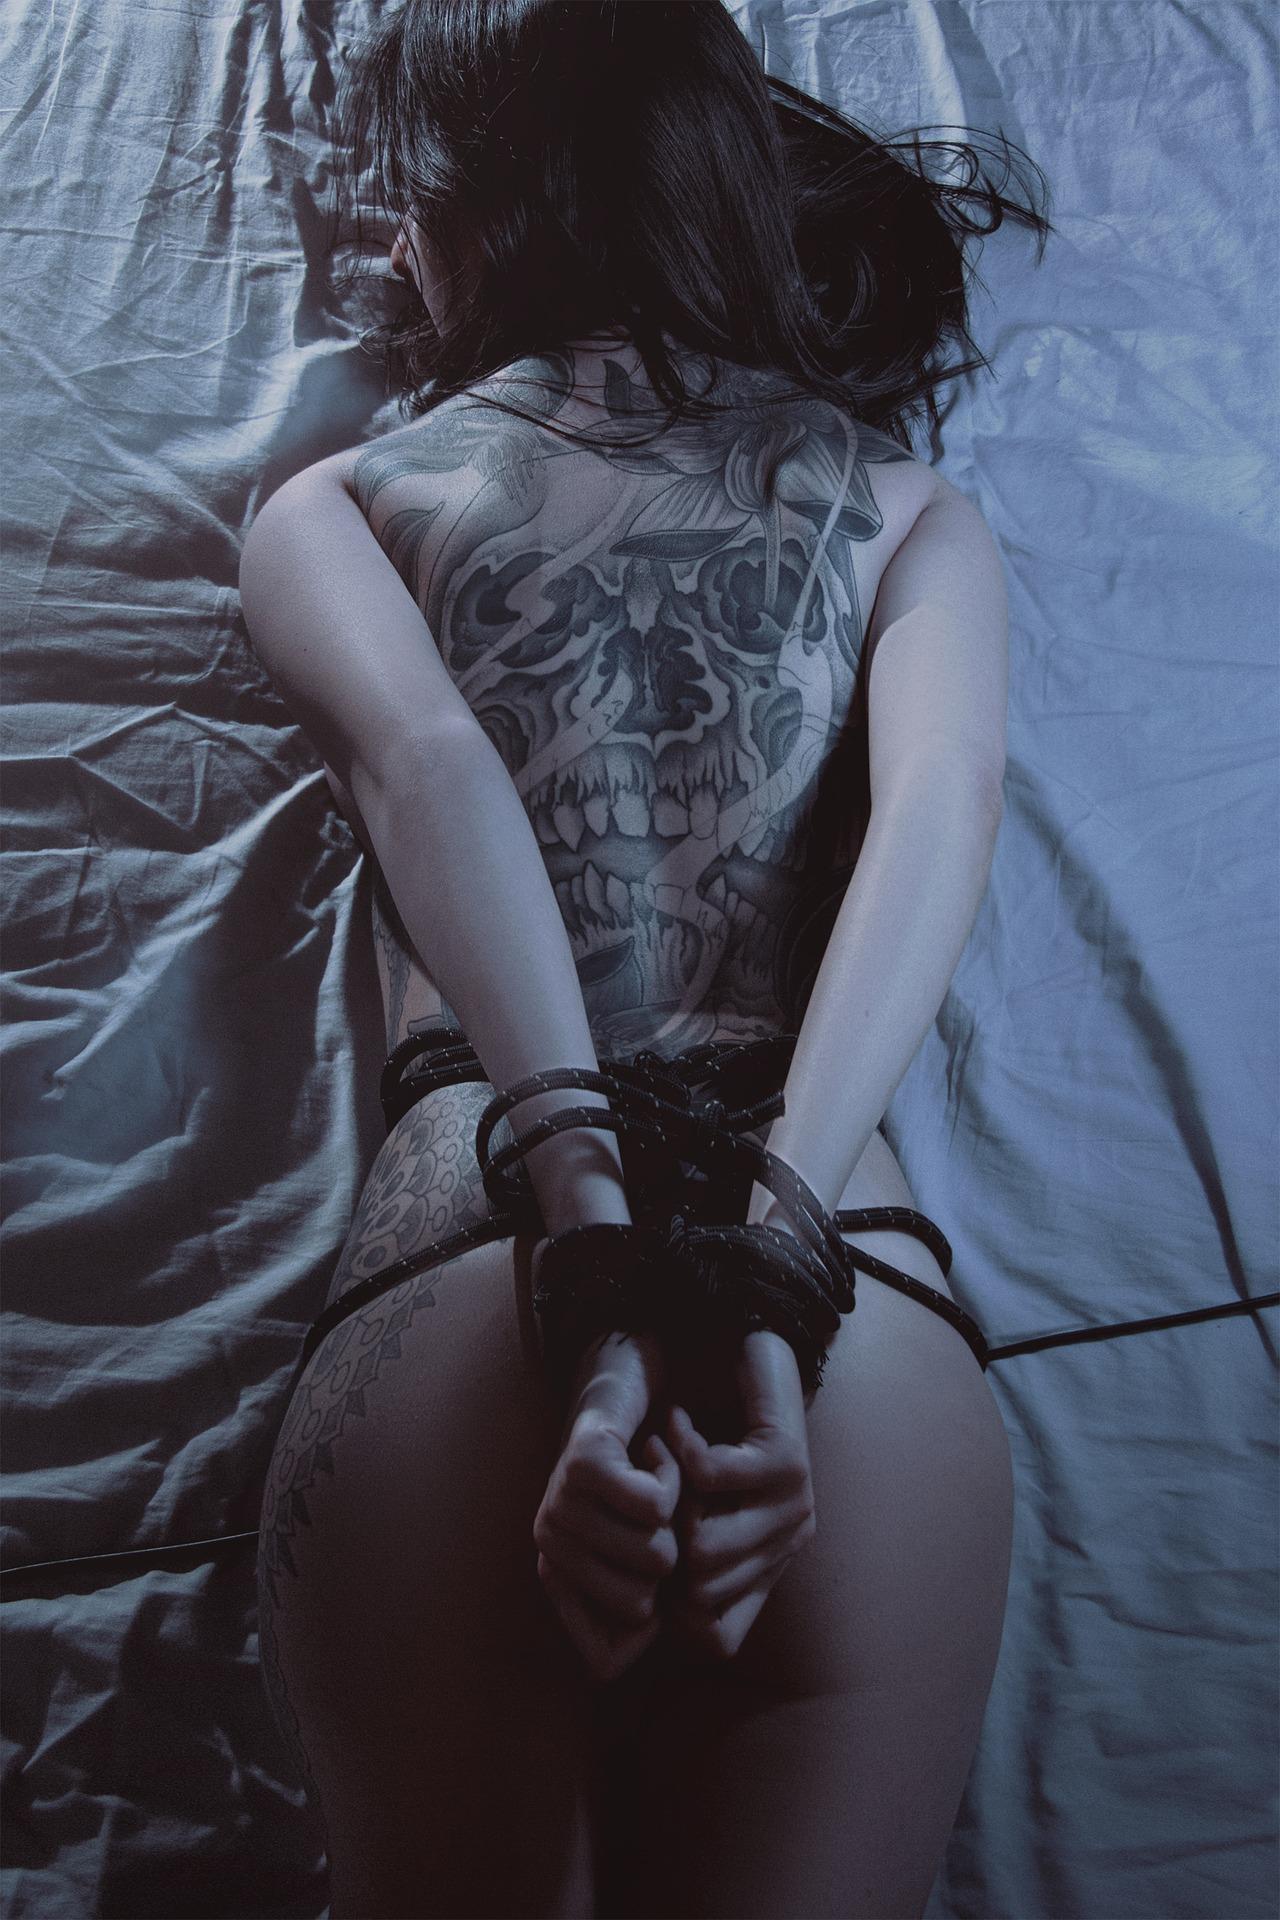 Связанная девушка с татуировкой на спине